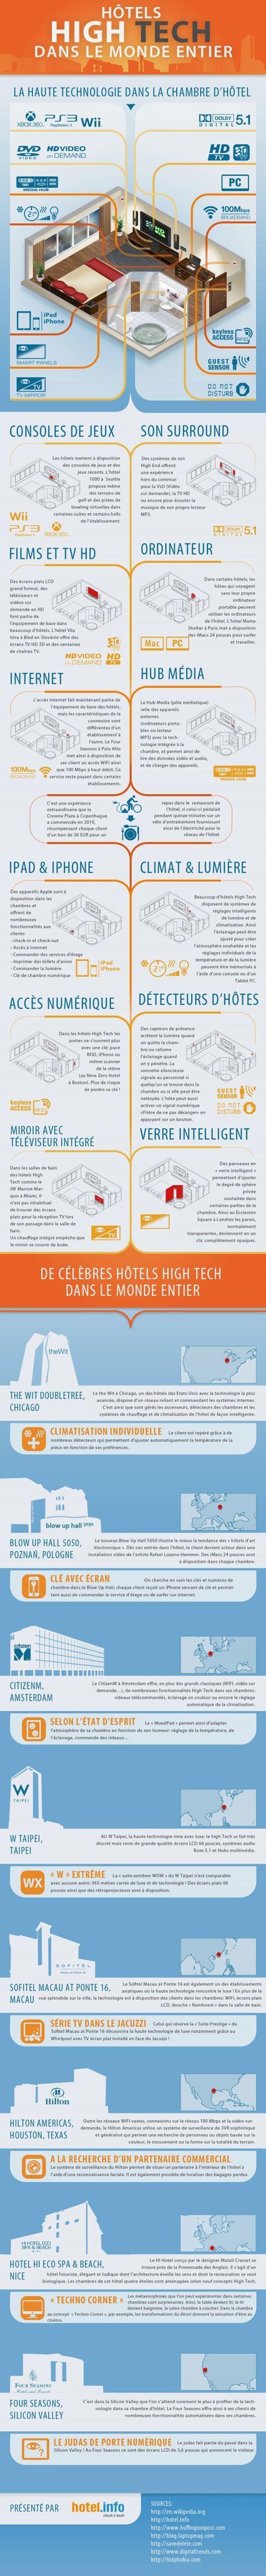 infographie htels high tech